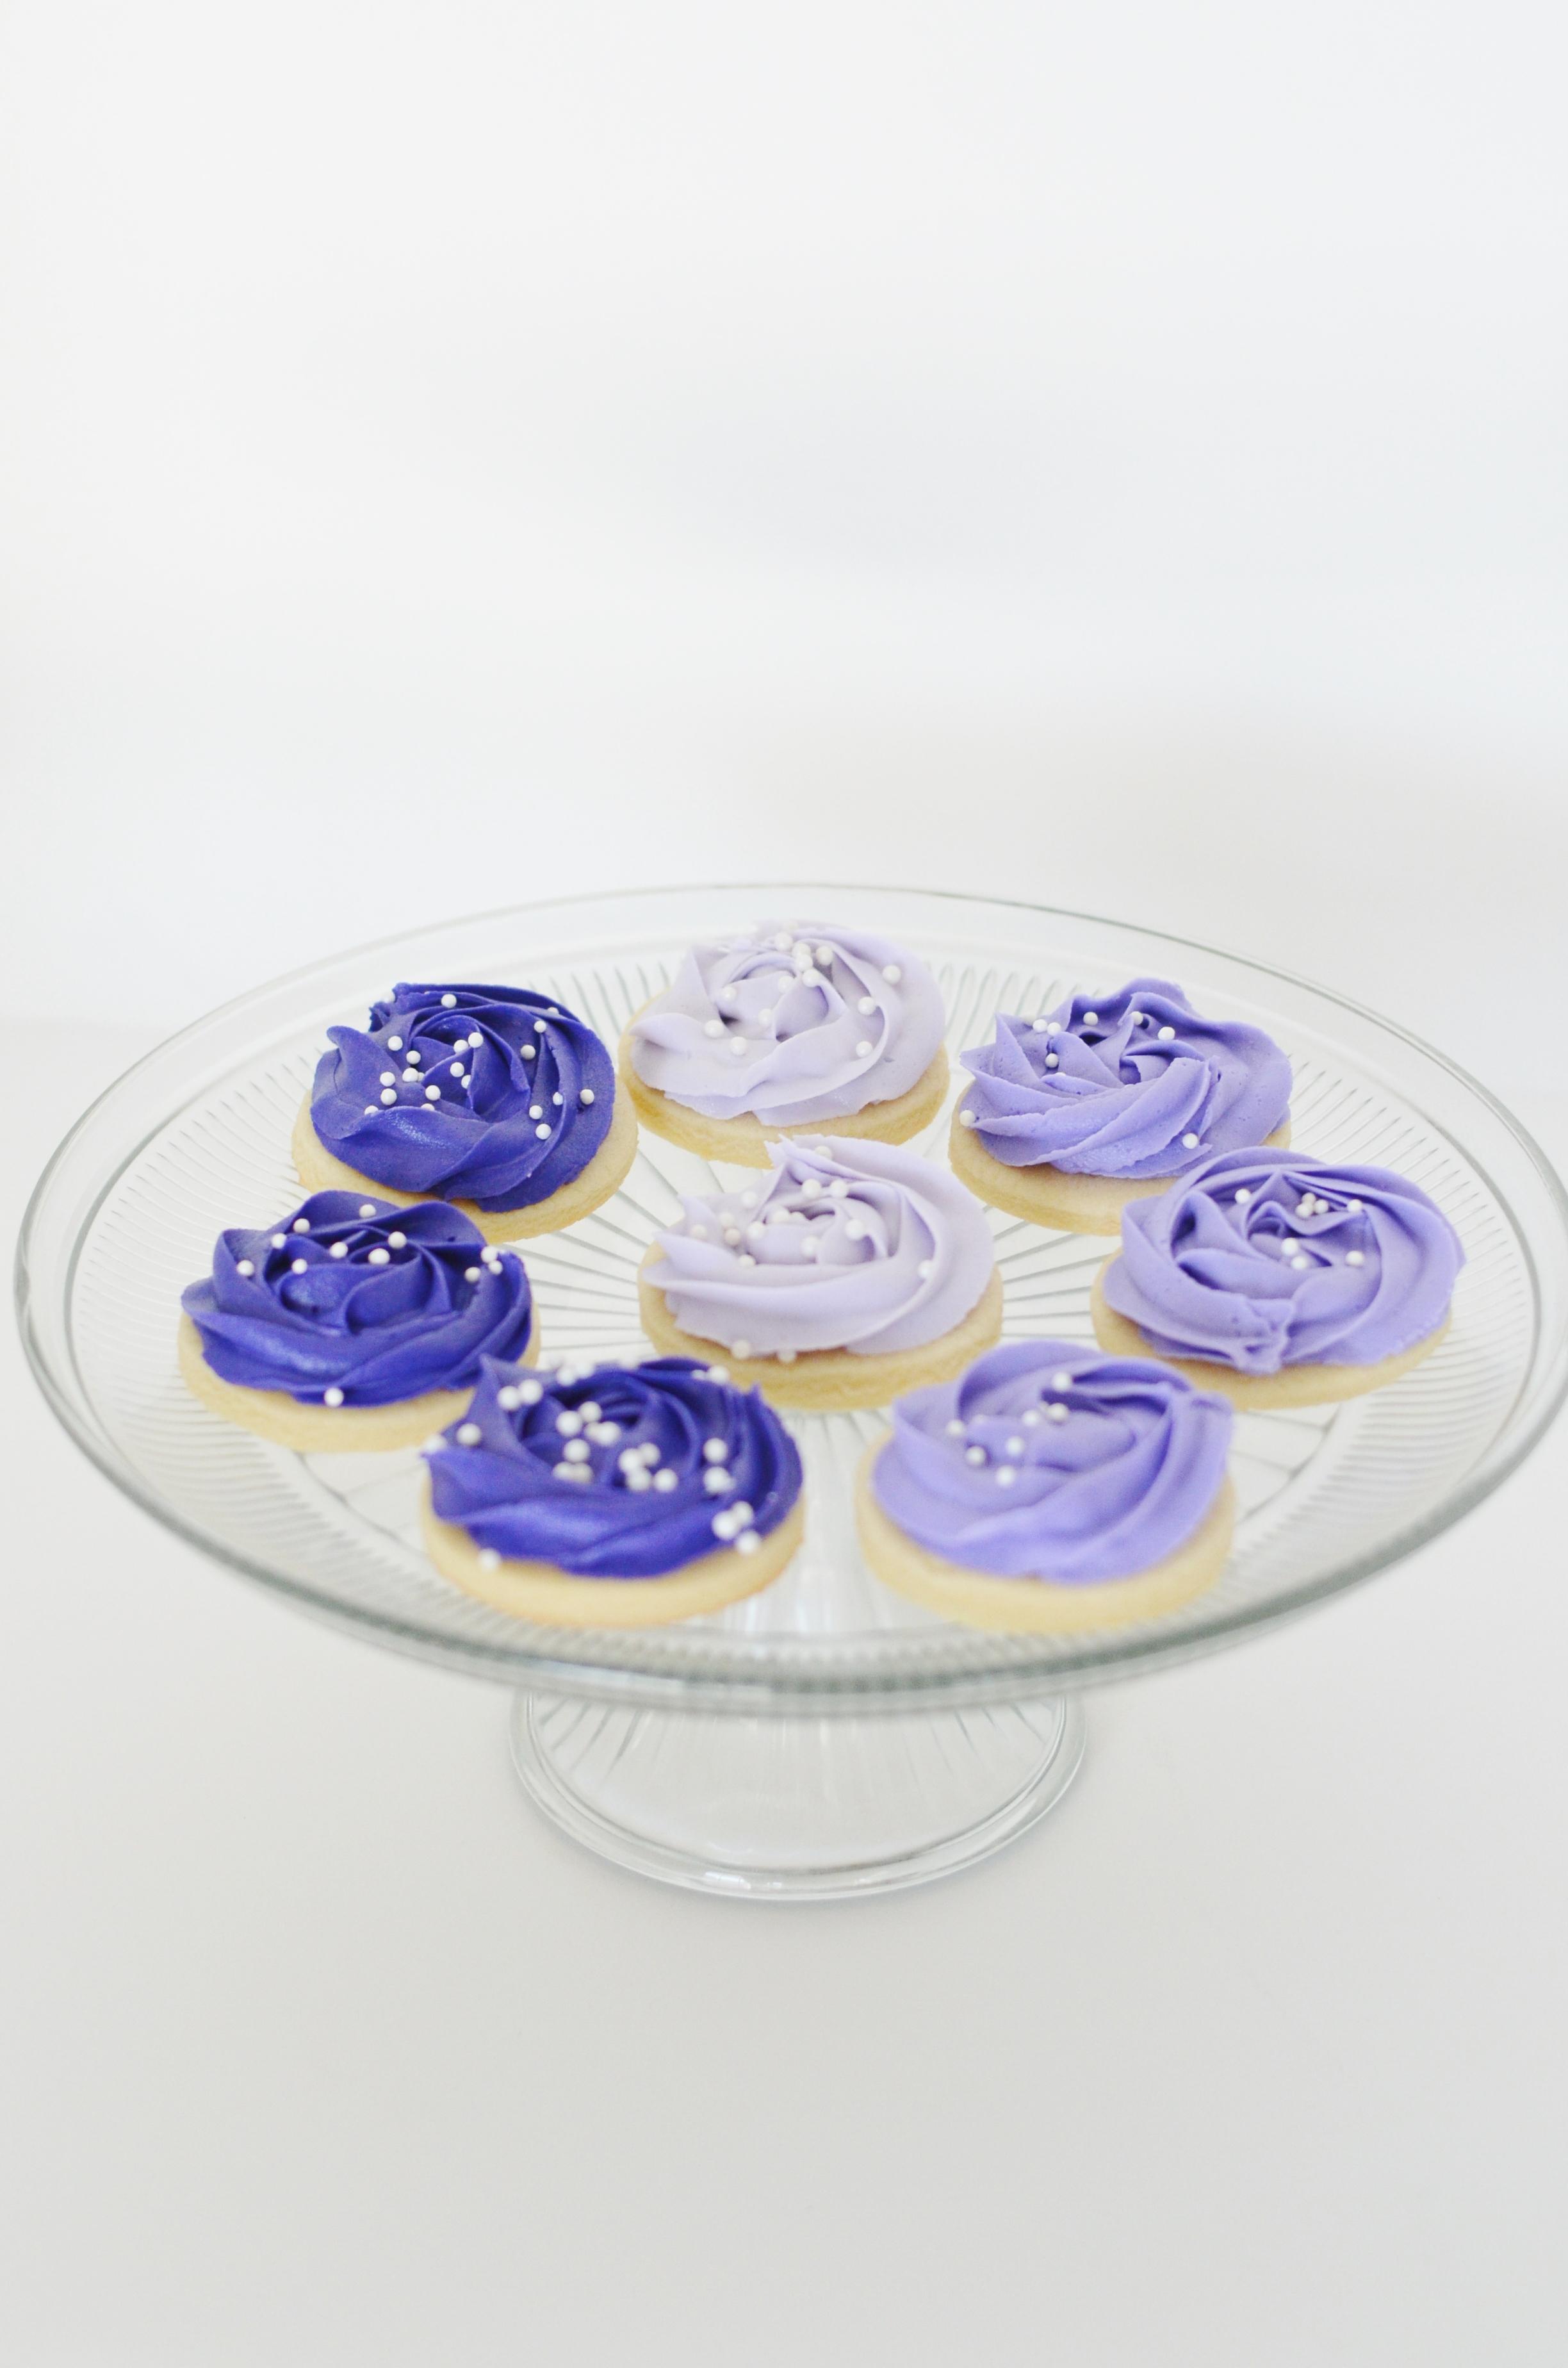 Ombre cookies